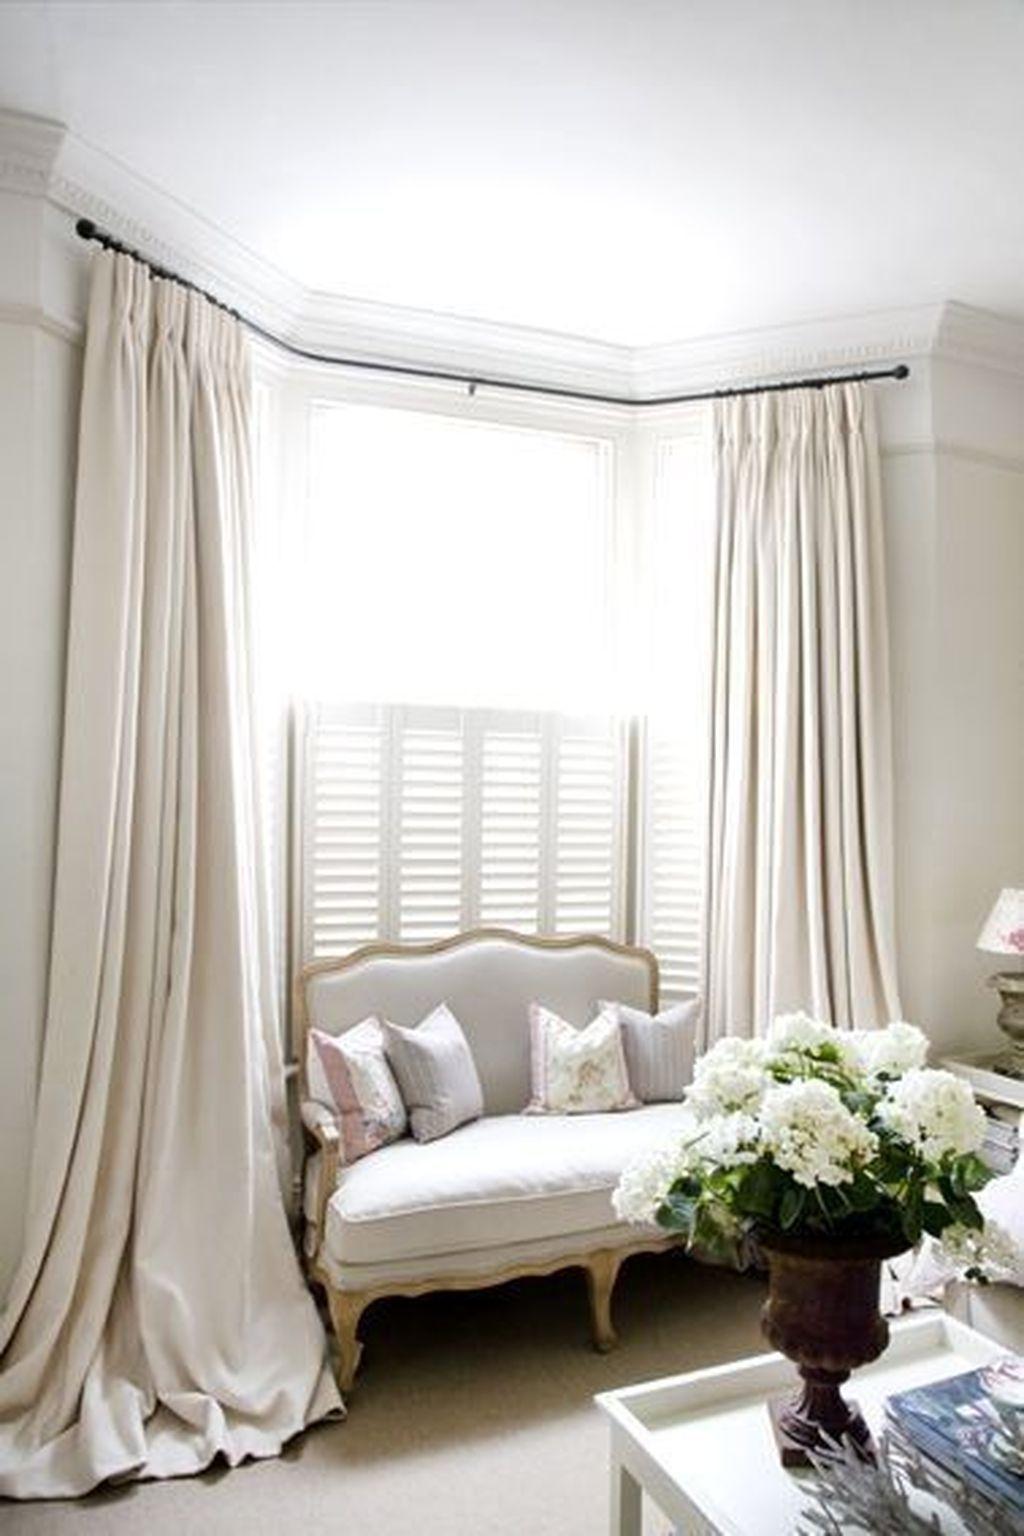 20+ Superb Bay Window Ideas With Modern Interior Design